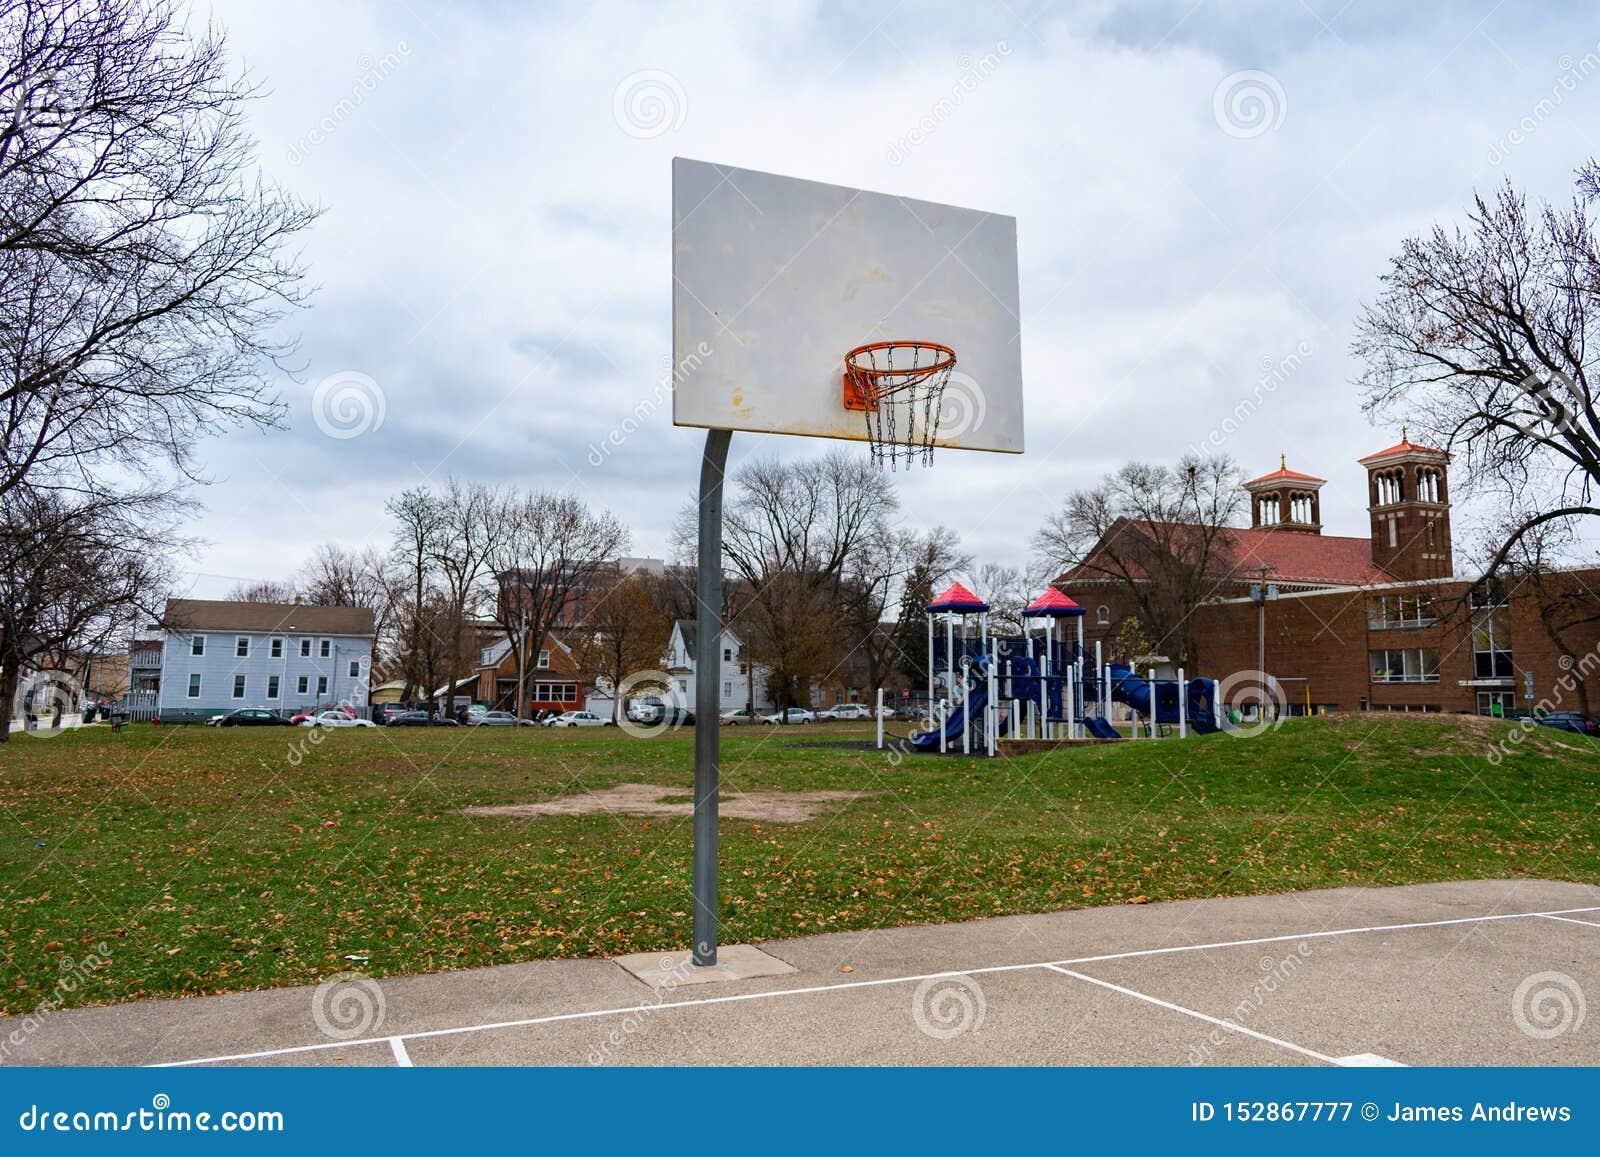 Aro de basquetebol em um parque Midwestern em um dia frio